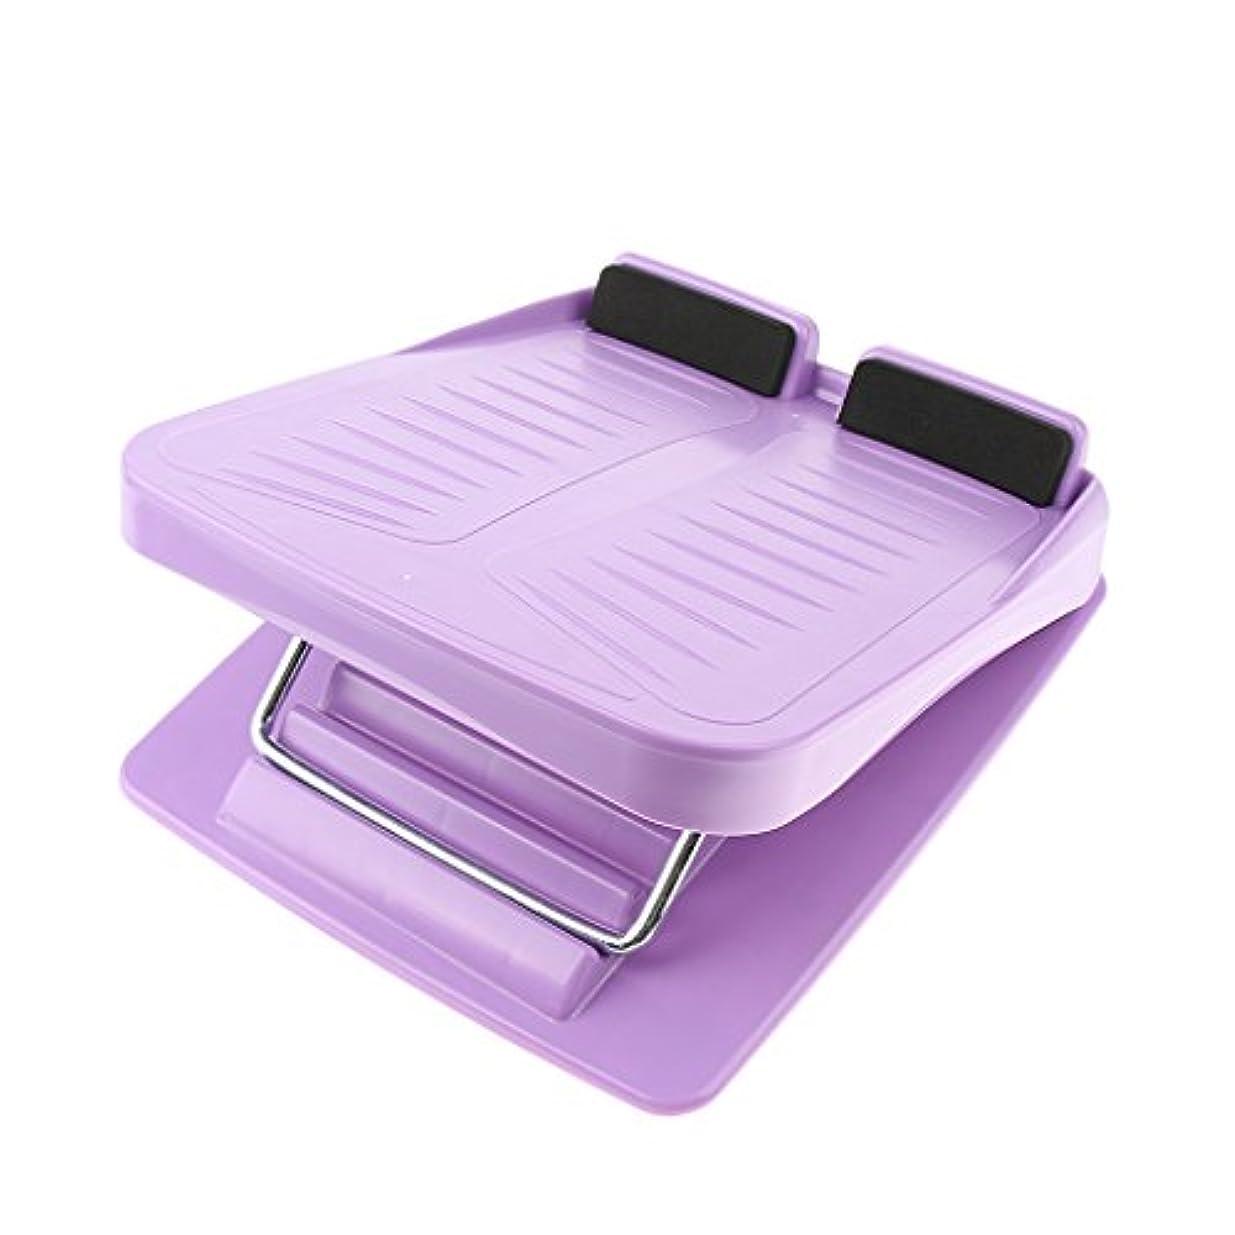 屋内疲労先史時代のP Prettyia ストレッチボード ストレッチ台 調整可能 アンチスリップ カーフストレッチ 斜面ボード 全3色 - 紫の